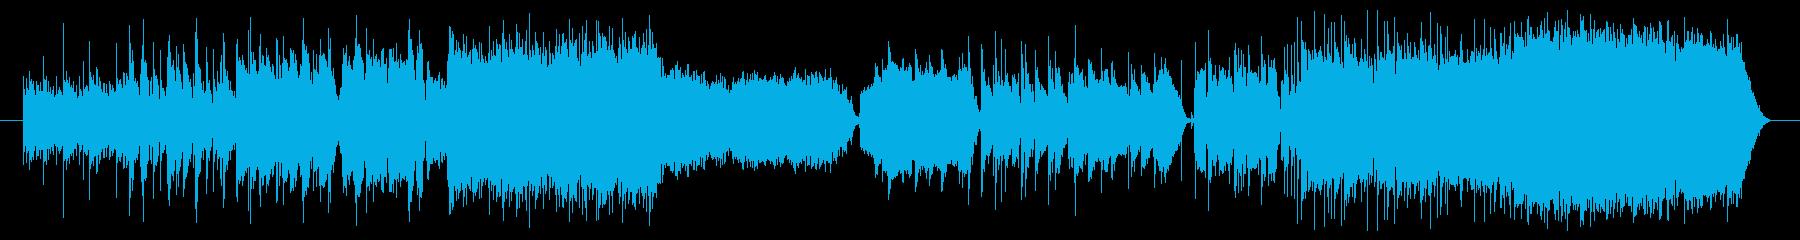 和風でアップテンポのテクノの再生済みの波形